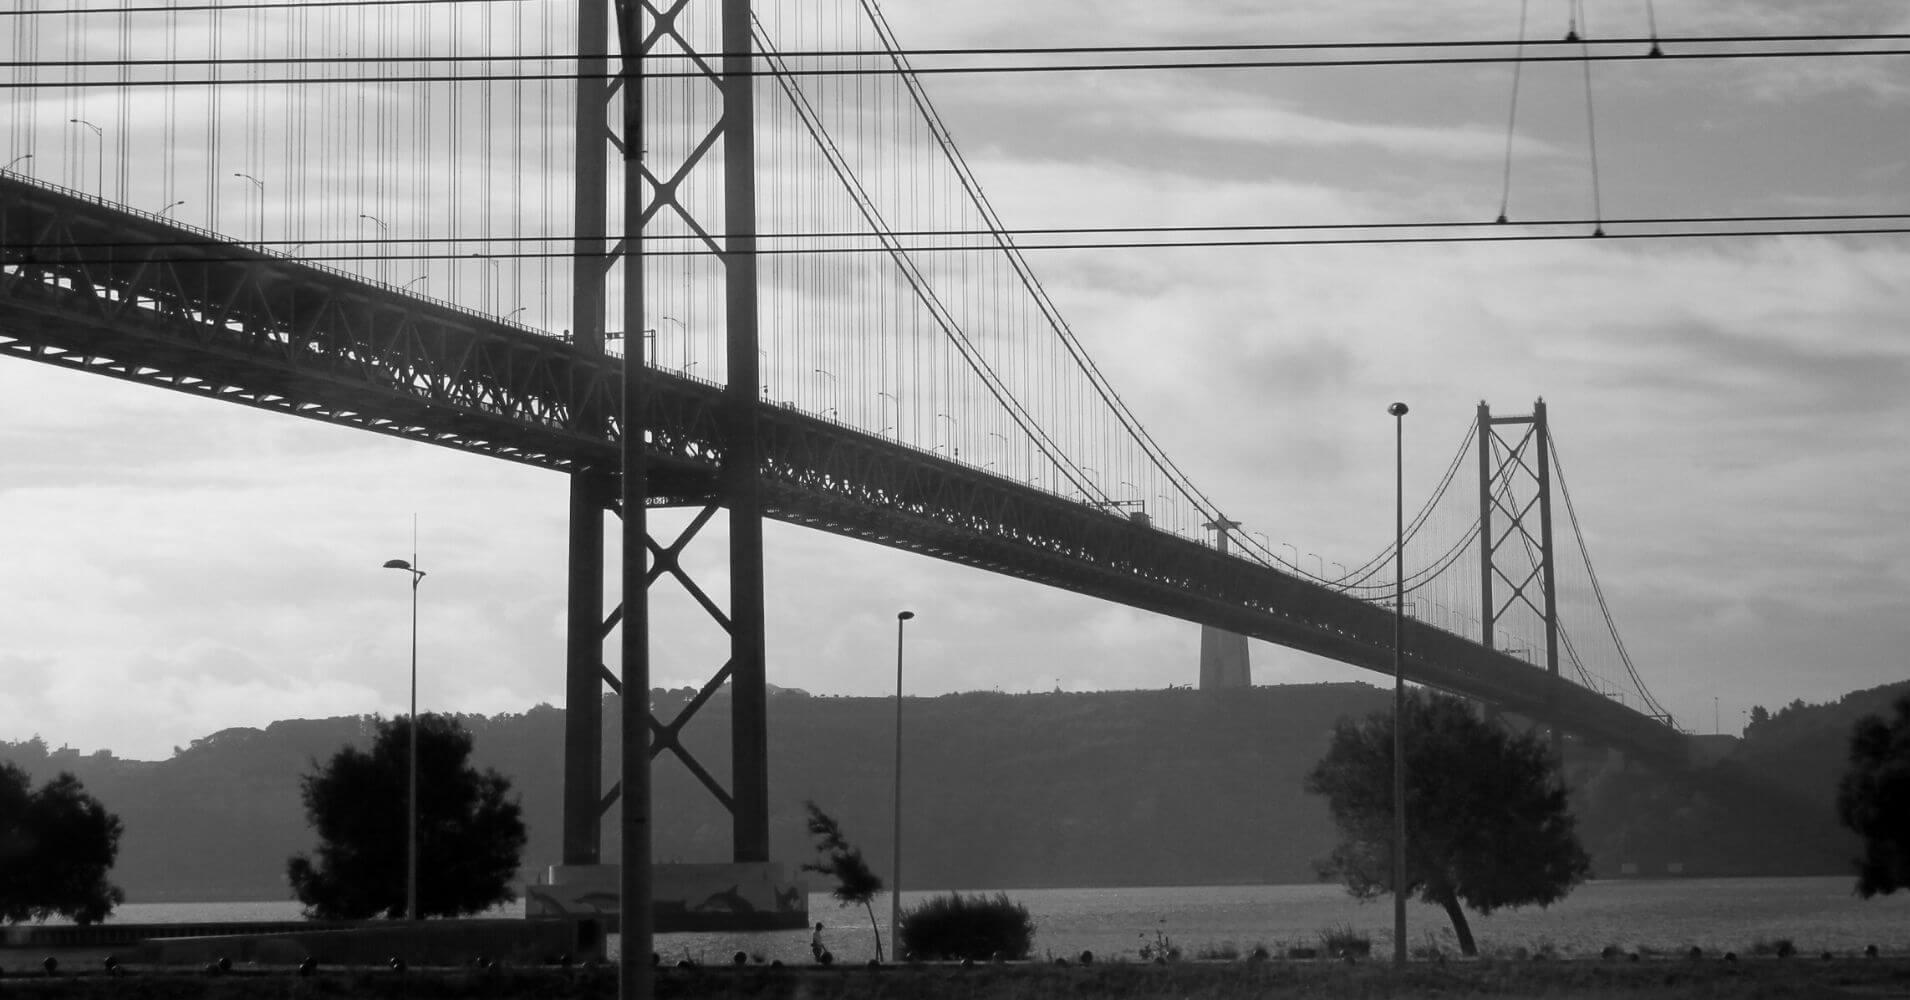 Ponte 25 Abril. Lisboa, Portugal.